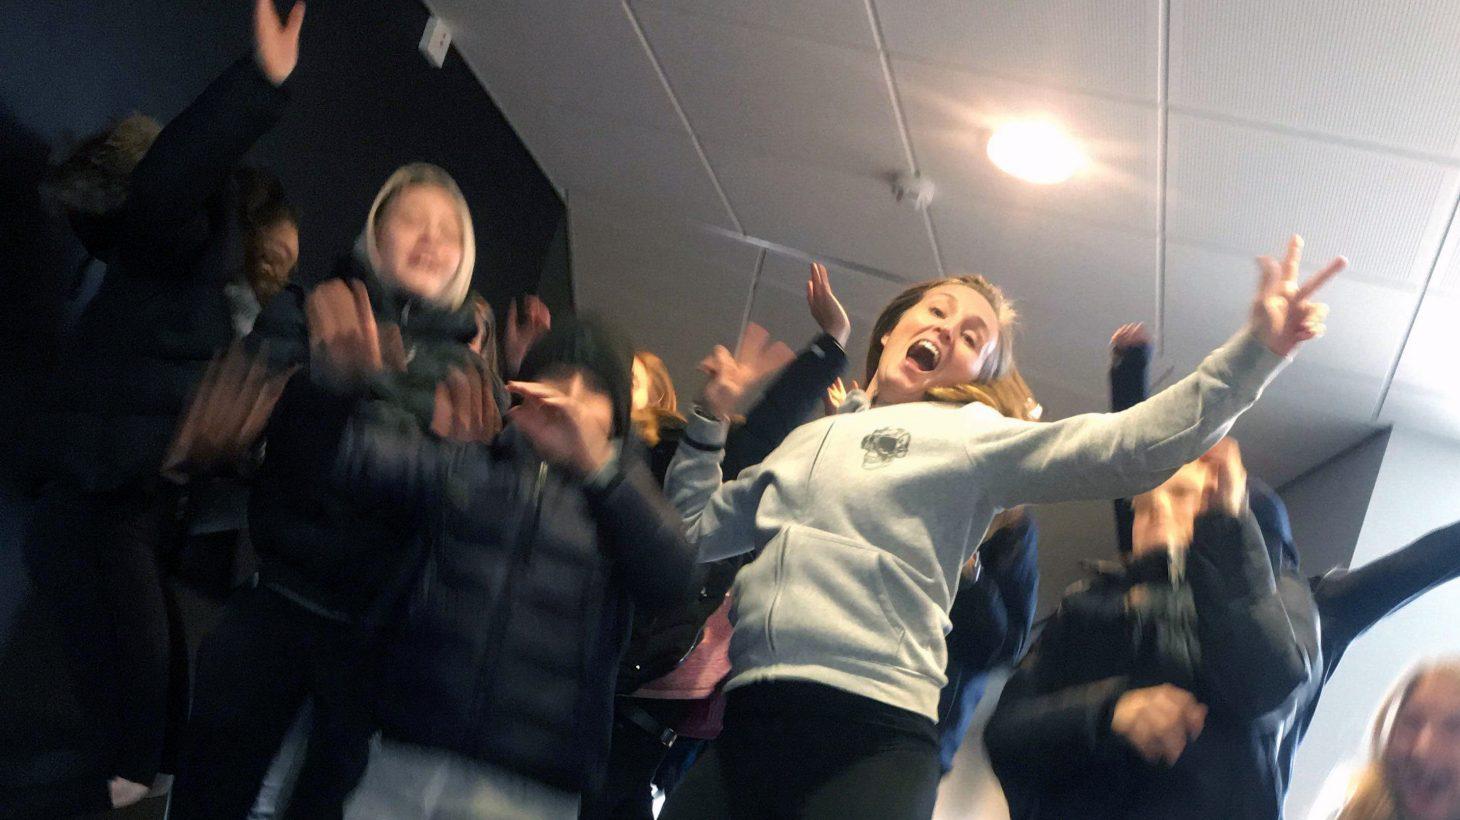 Elever och pedagog dansar och hoppar.